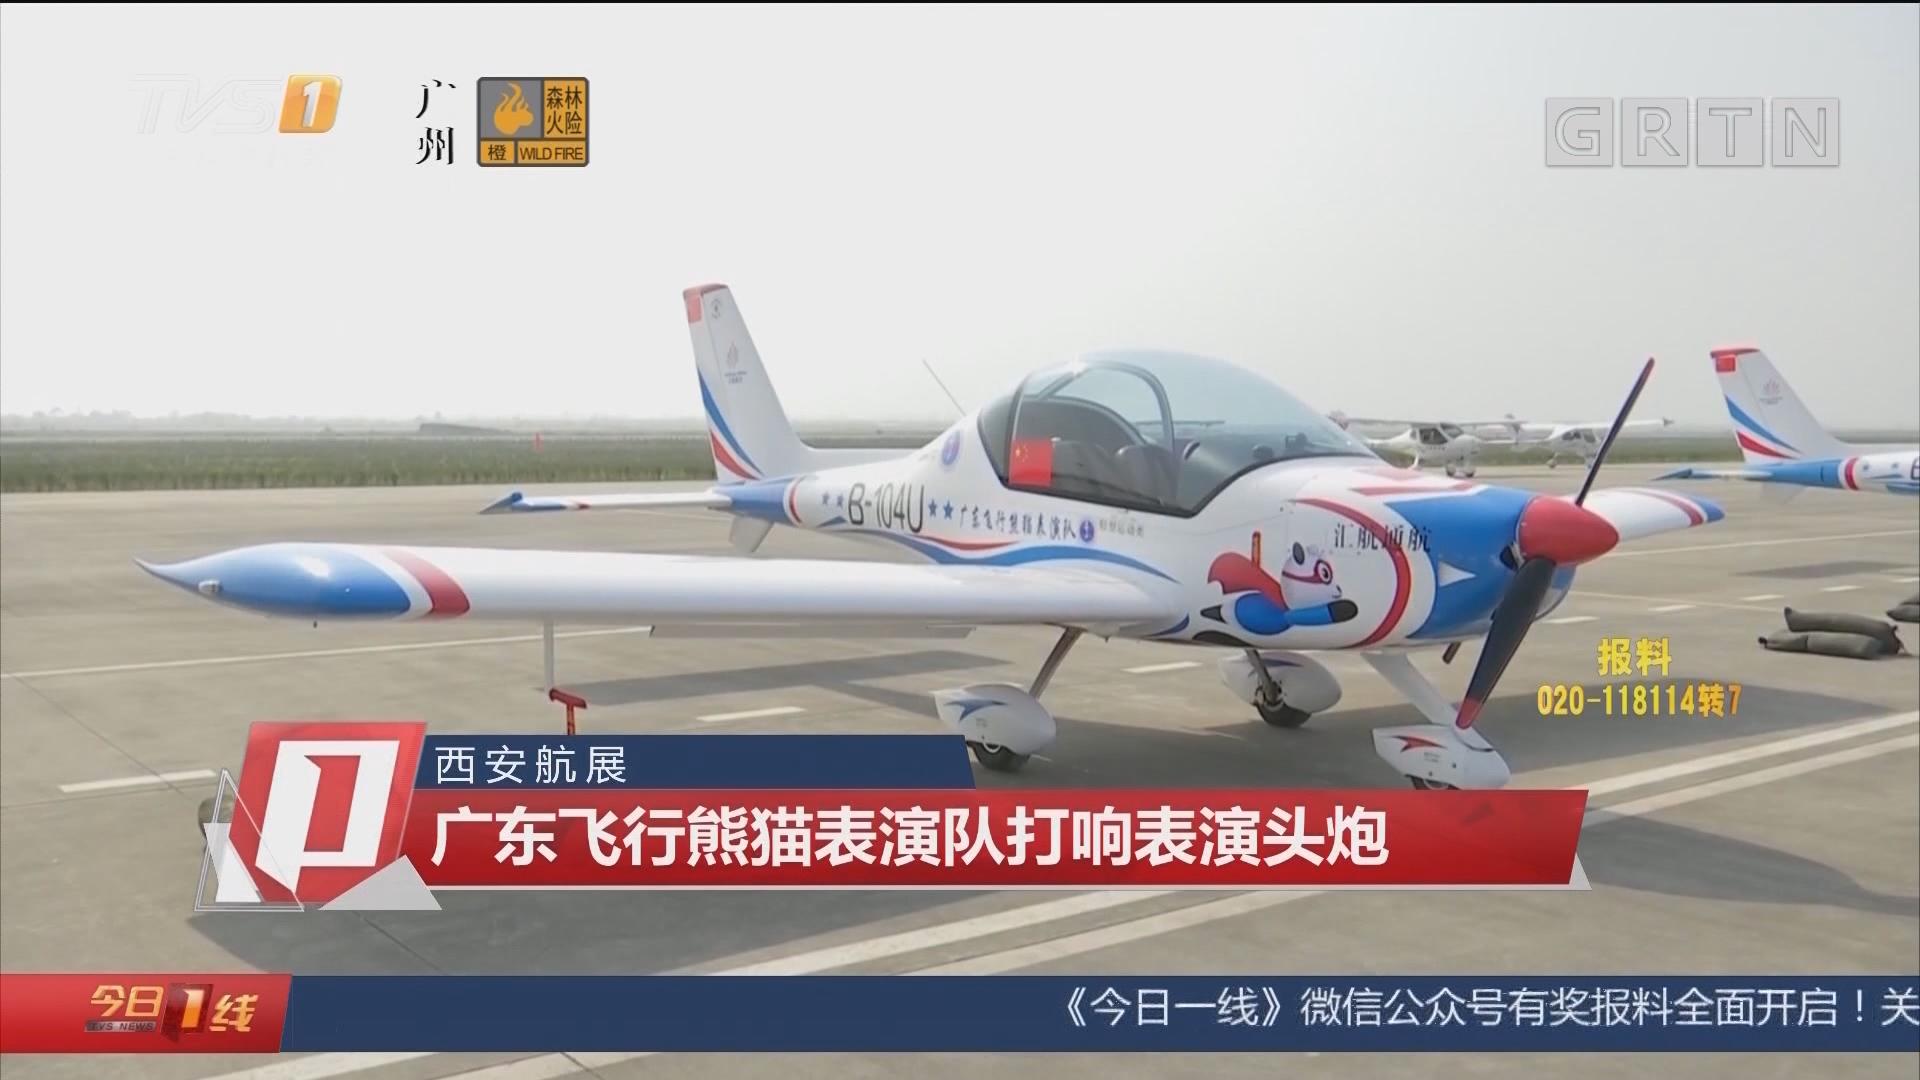 西安航展:广东飞行熊猫表演队打响表演头炮